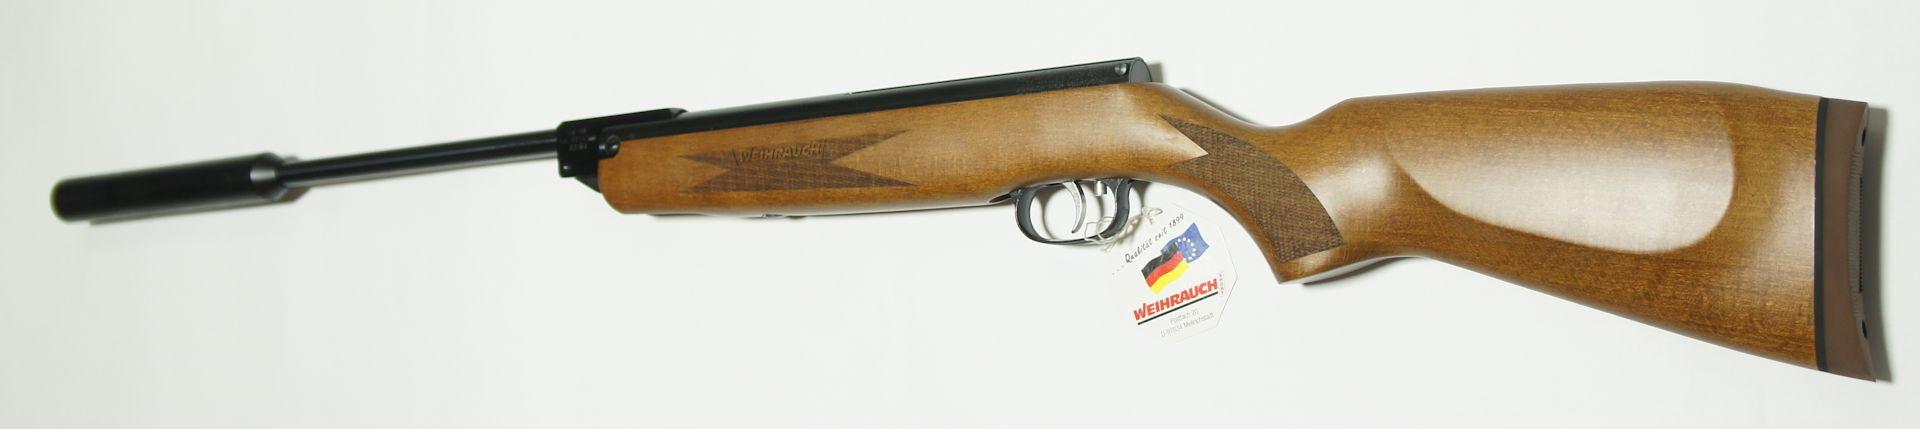 Luftgewehr HW 30 s mit Schalldämpfer und Luxusschaft